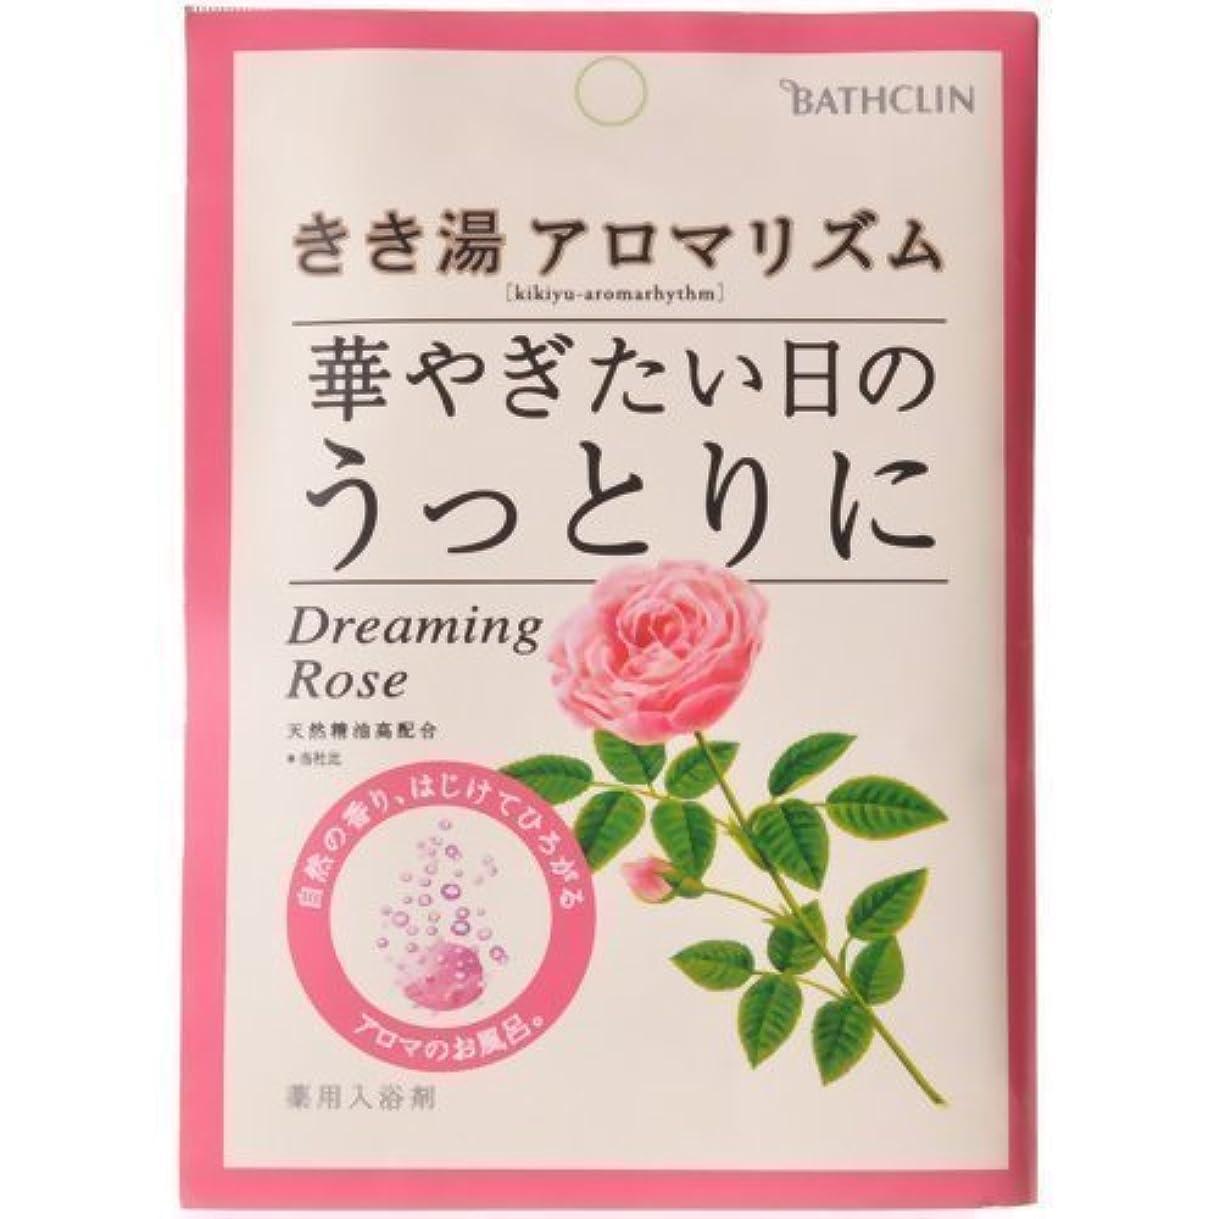 明日作り豊富な【まとめ買い】きき湯 アロマリズム ドリーミングローズの香り 30g ×5個